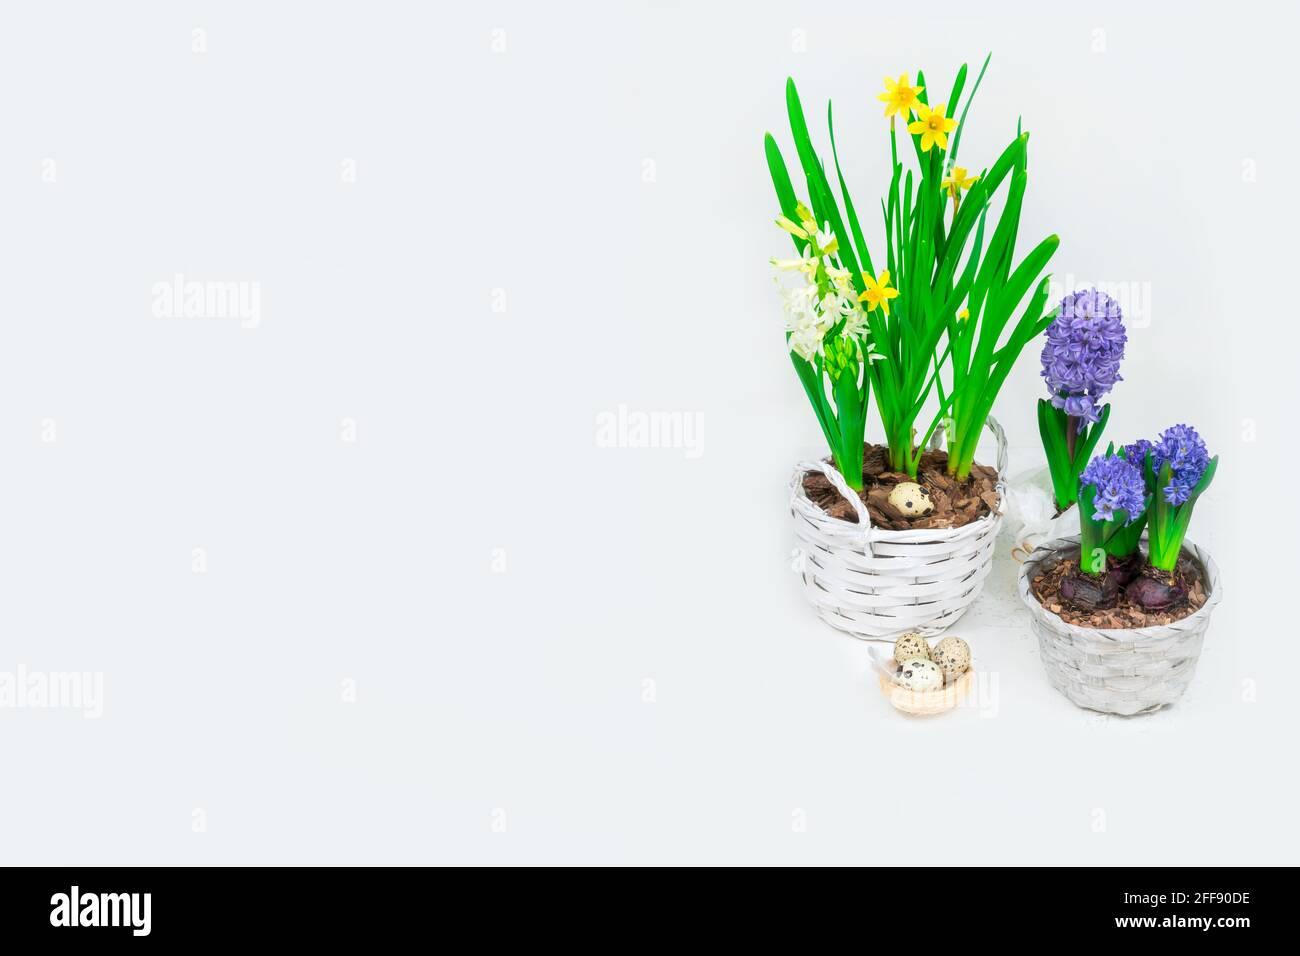 Bandera de Pascua. Hermosos narcisos amarillos con hiacintos azules en cestas y un nido de heno decorativo con huevos de codorniz en su interior. Decoración de mesa de Pascua. Foto de stock